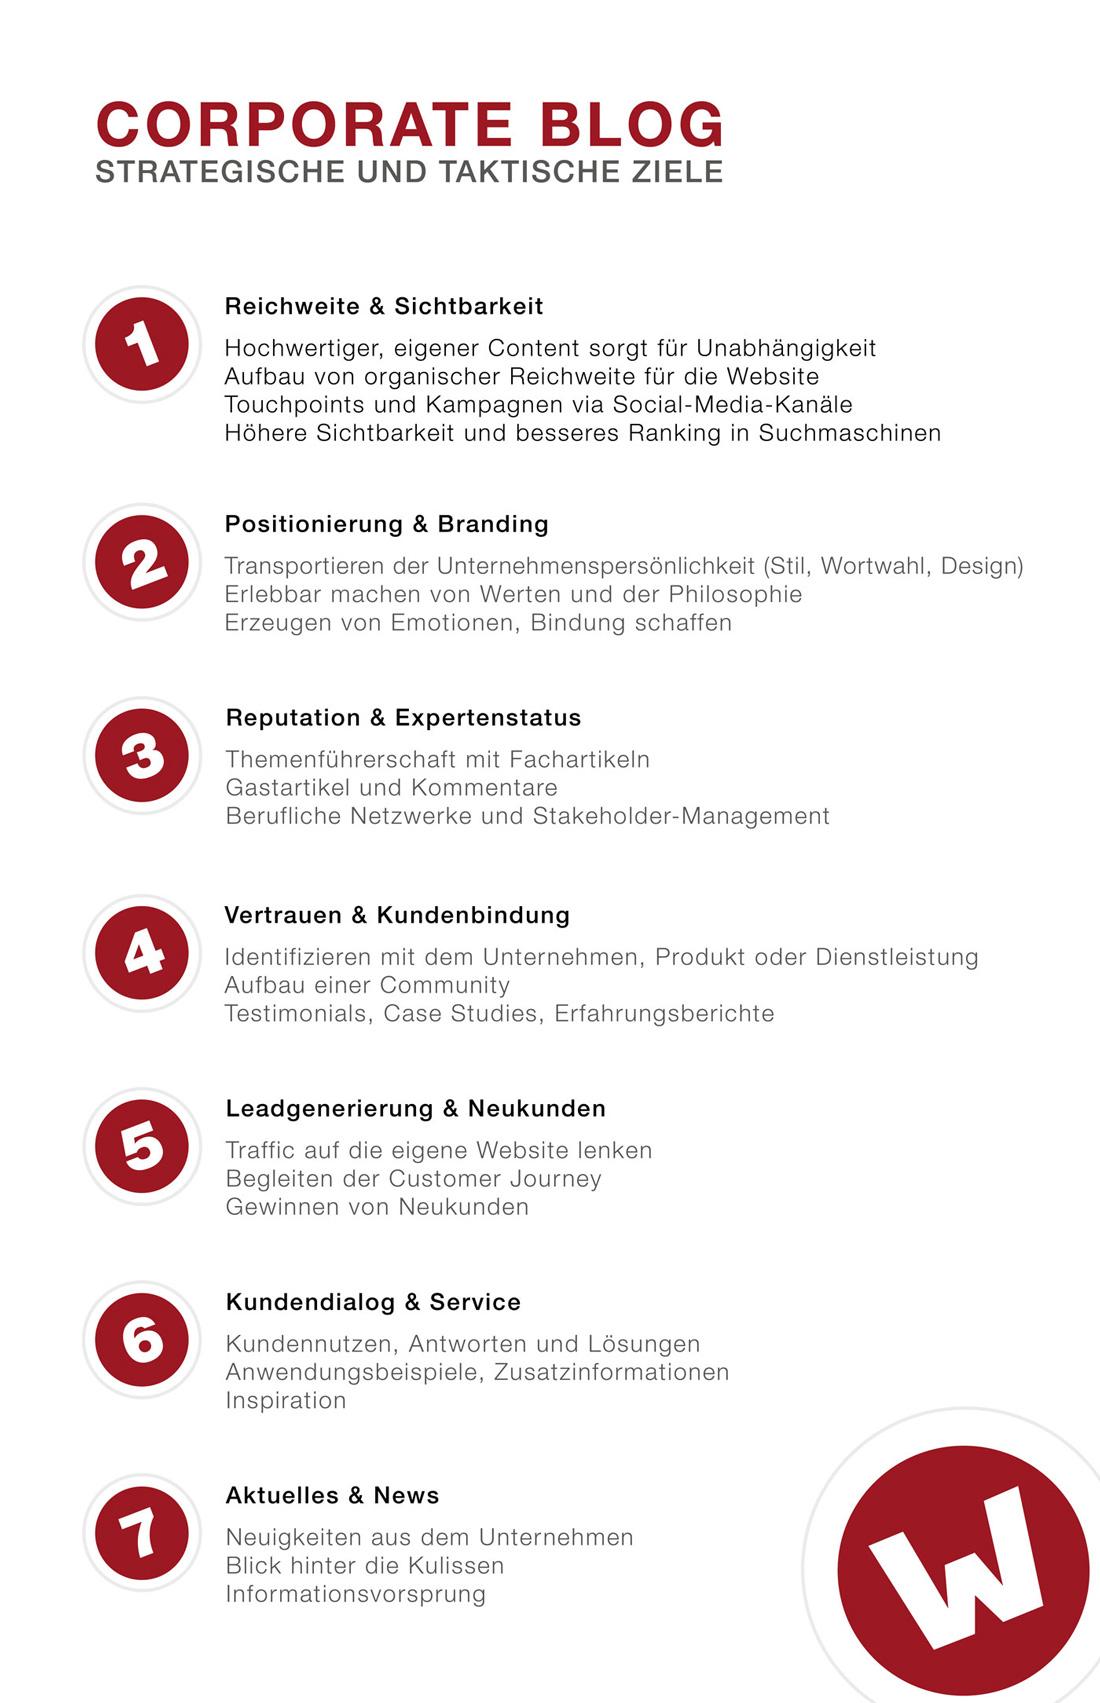 Aufzählung der sieben strategischen und taktischen Ziele eines Corporate Blogs